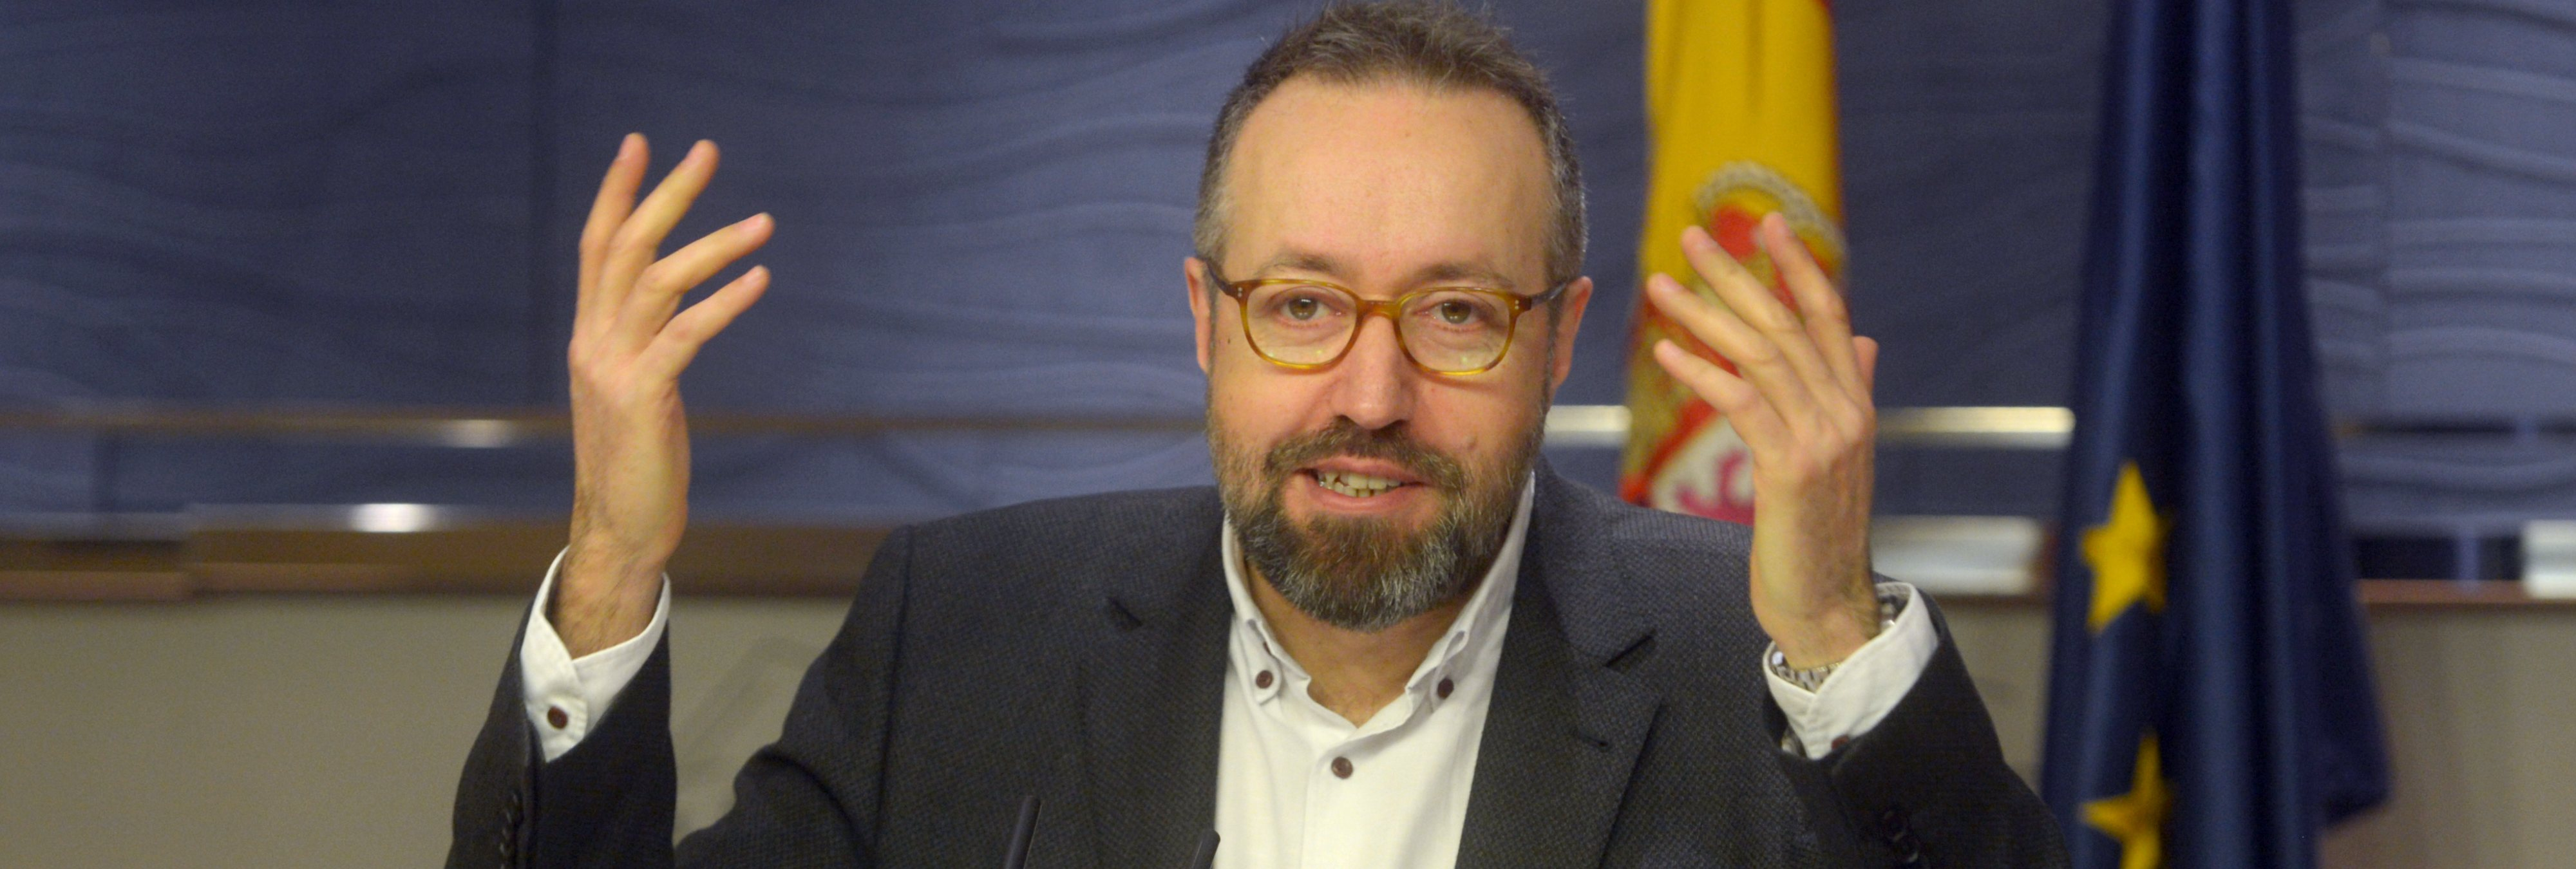 La doble moral de Girauta (Ciudadanos): justificó los golpes al PSOE en una manifestación